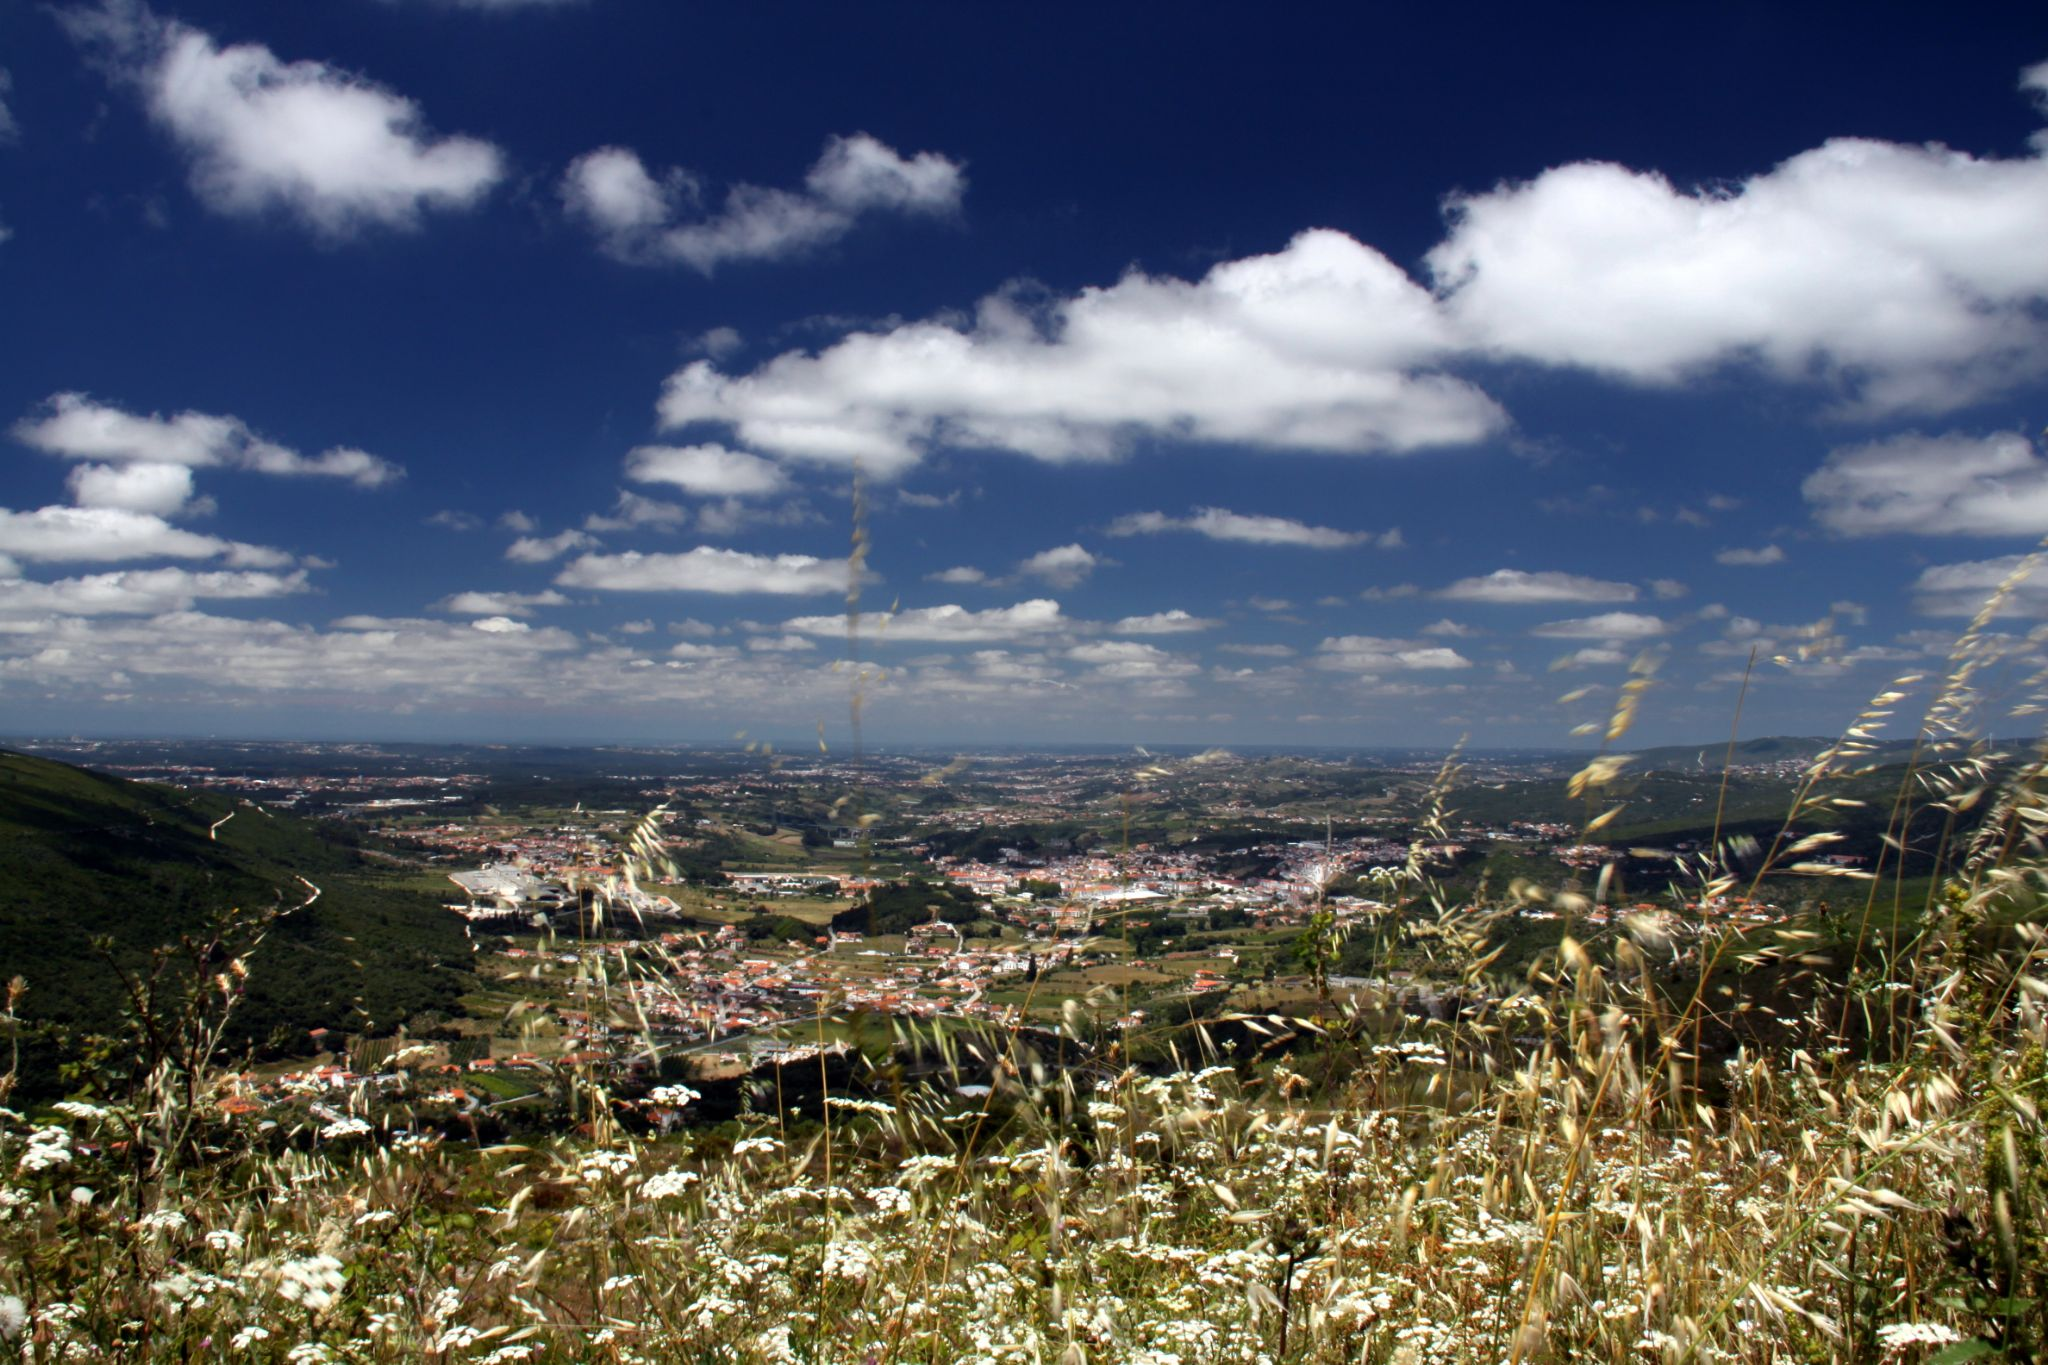 Vista by GilReis